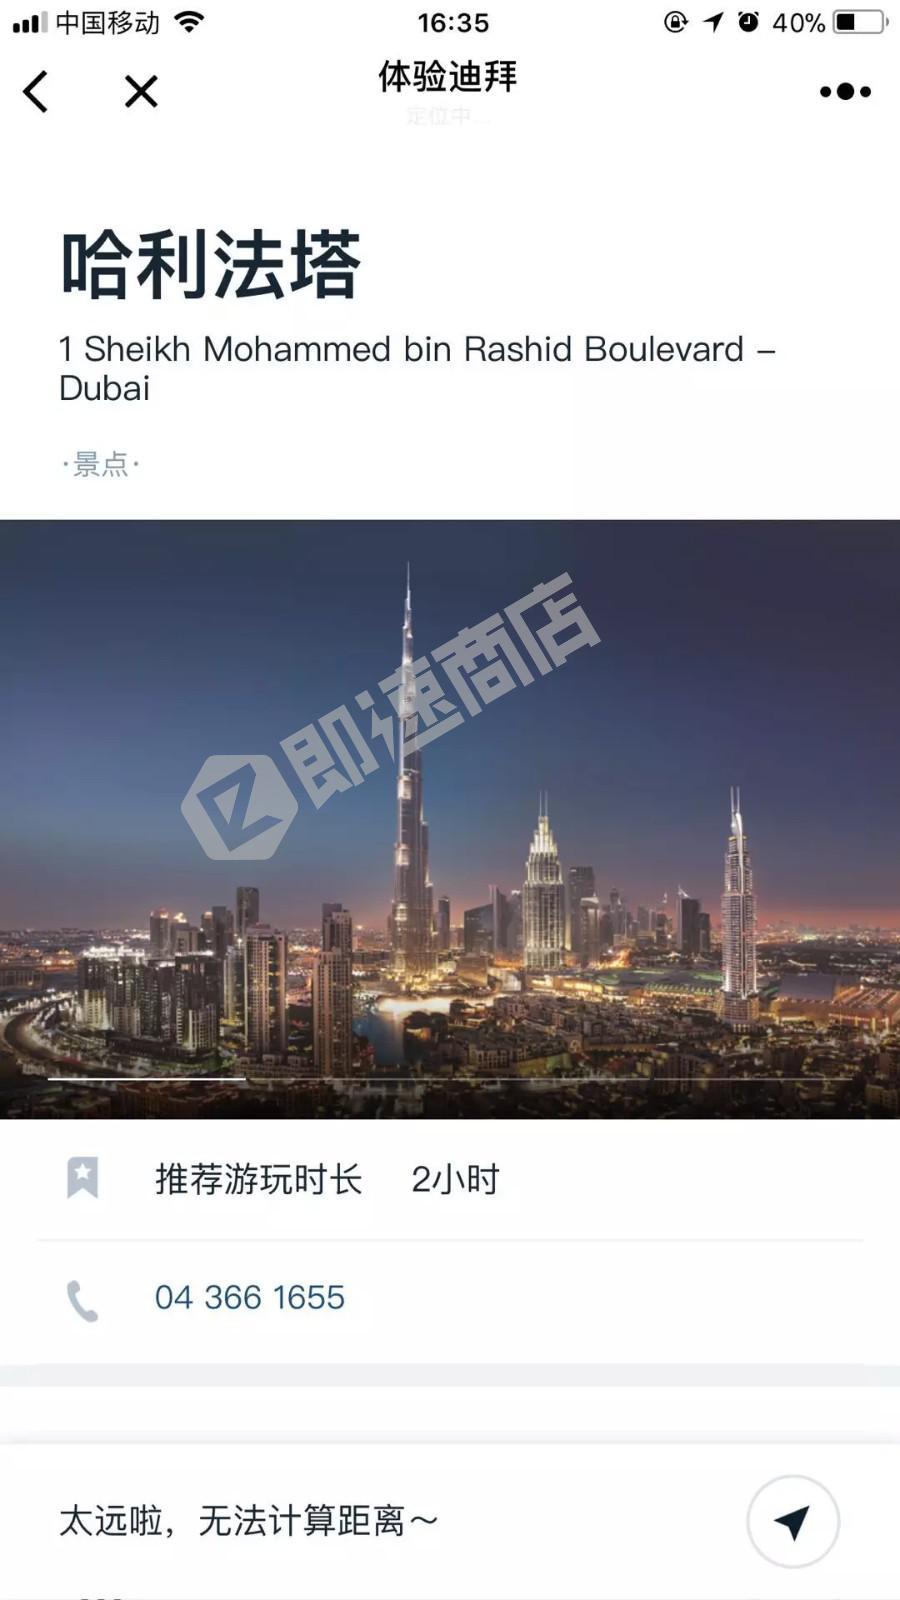 体验迪拜小程序详情页截图